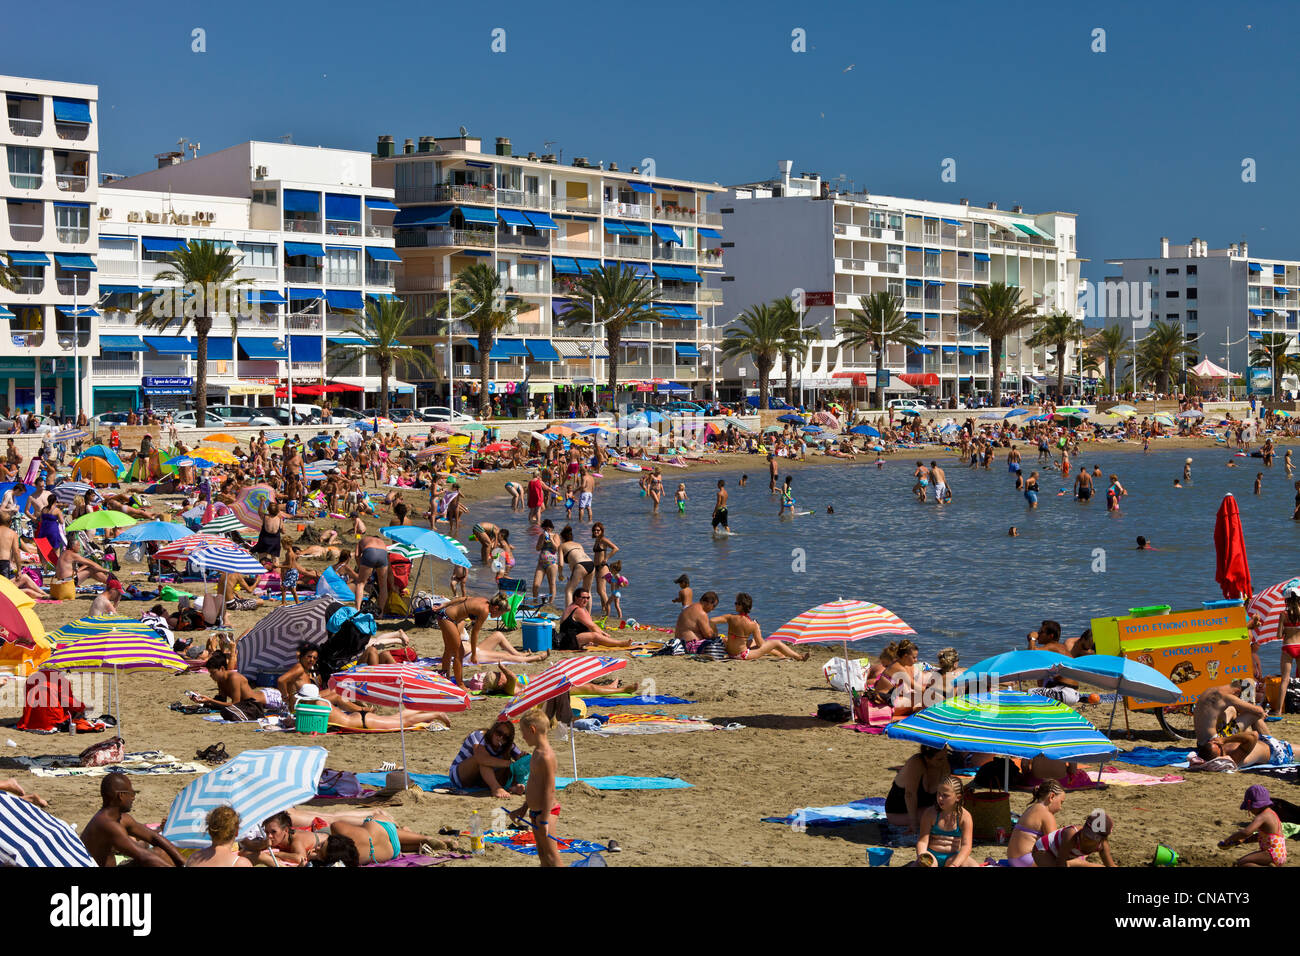 France, Gard, Camargue, Le Grau du Roi, the beach - Stock Image